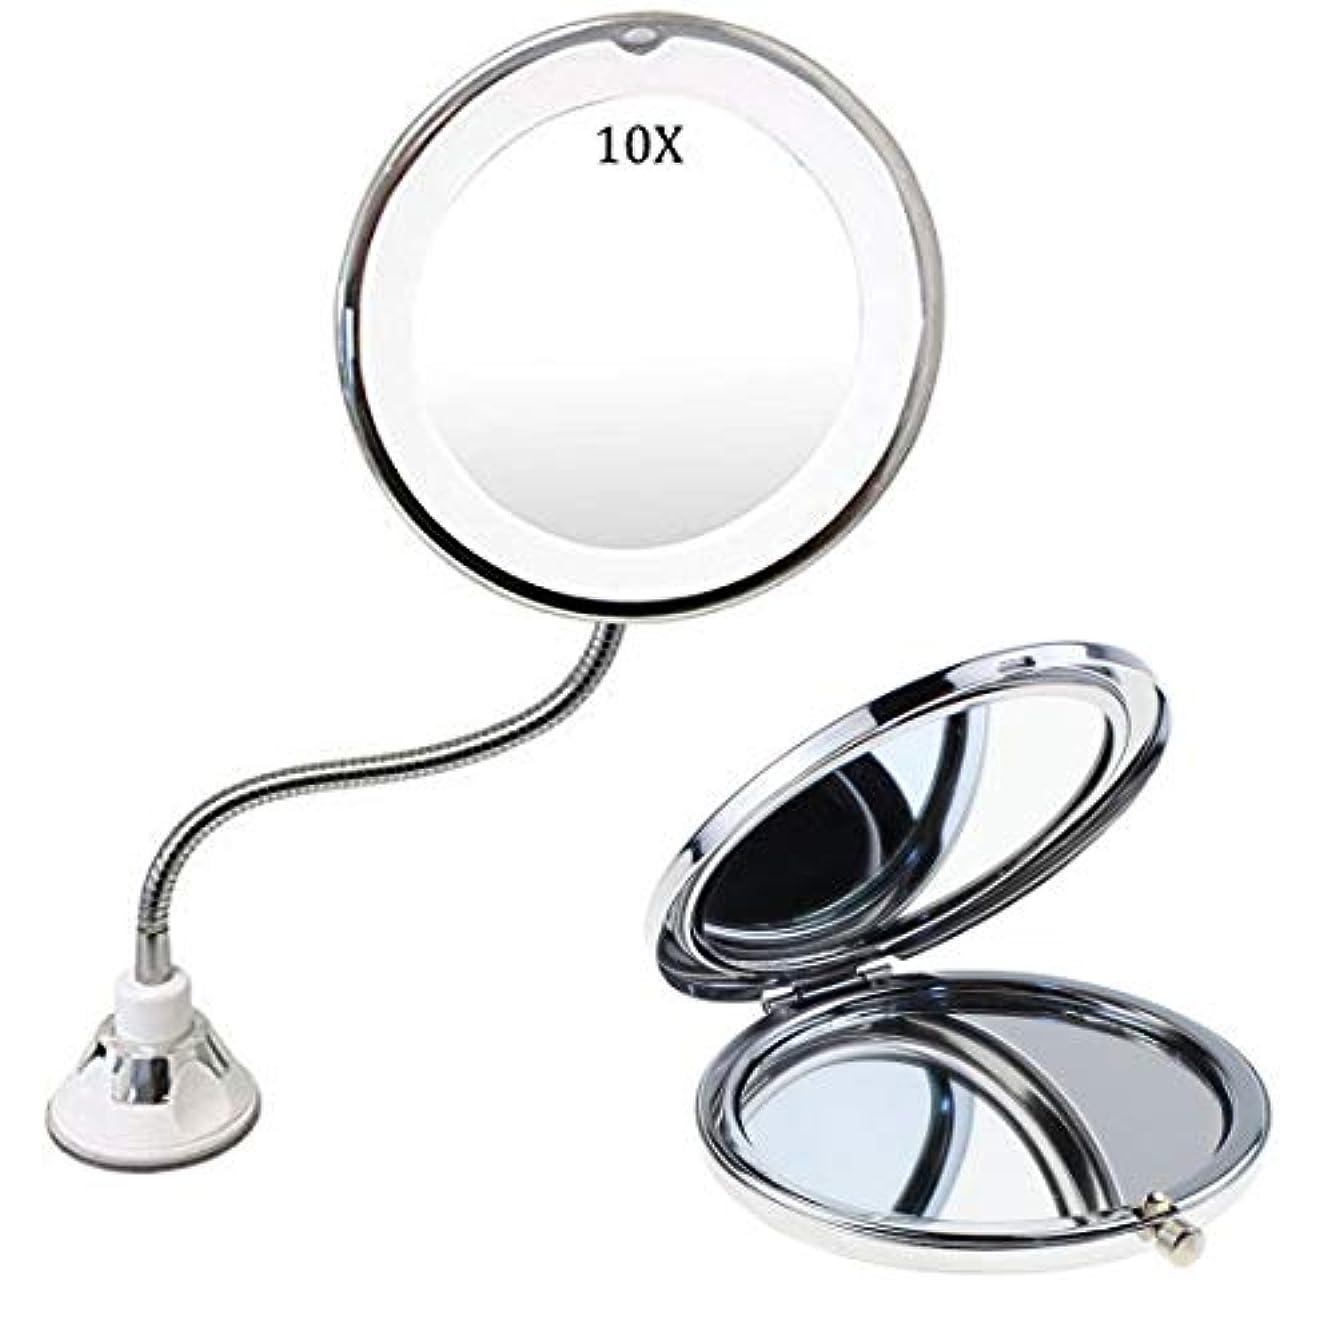 覗く電話励起10倍拡大鏡 LED化粧鏡 明るさ調節可能 浴室鏡 曇らないミラー 吸盤ロック付きLEDミラー 壁掛けメイクミラー 360度回転スタンドミラー 三単電池